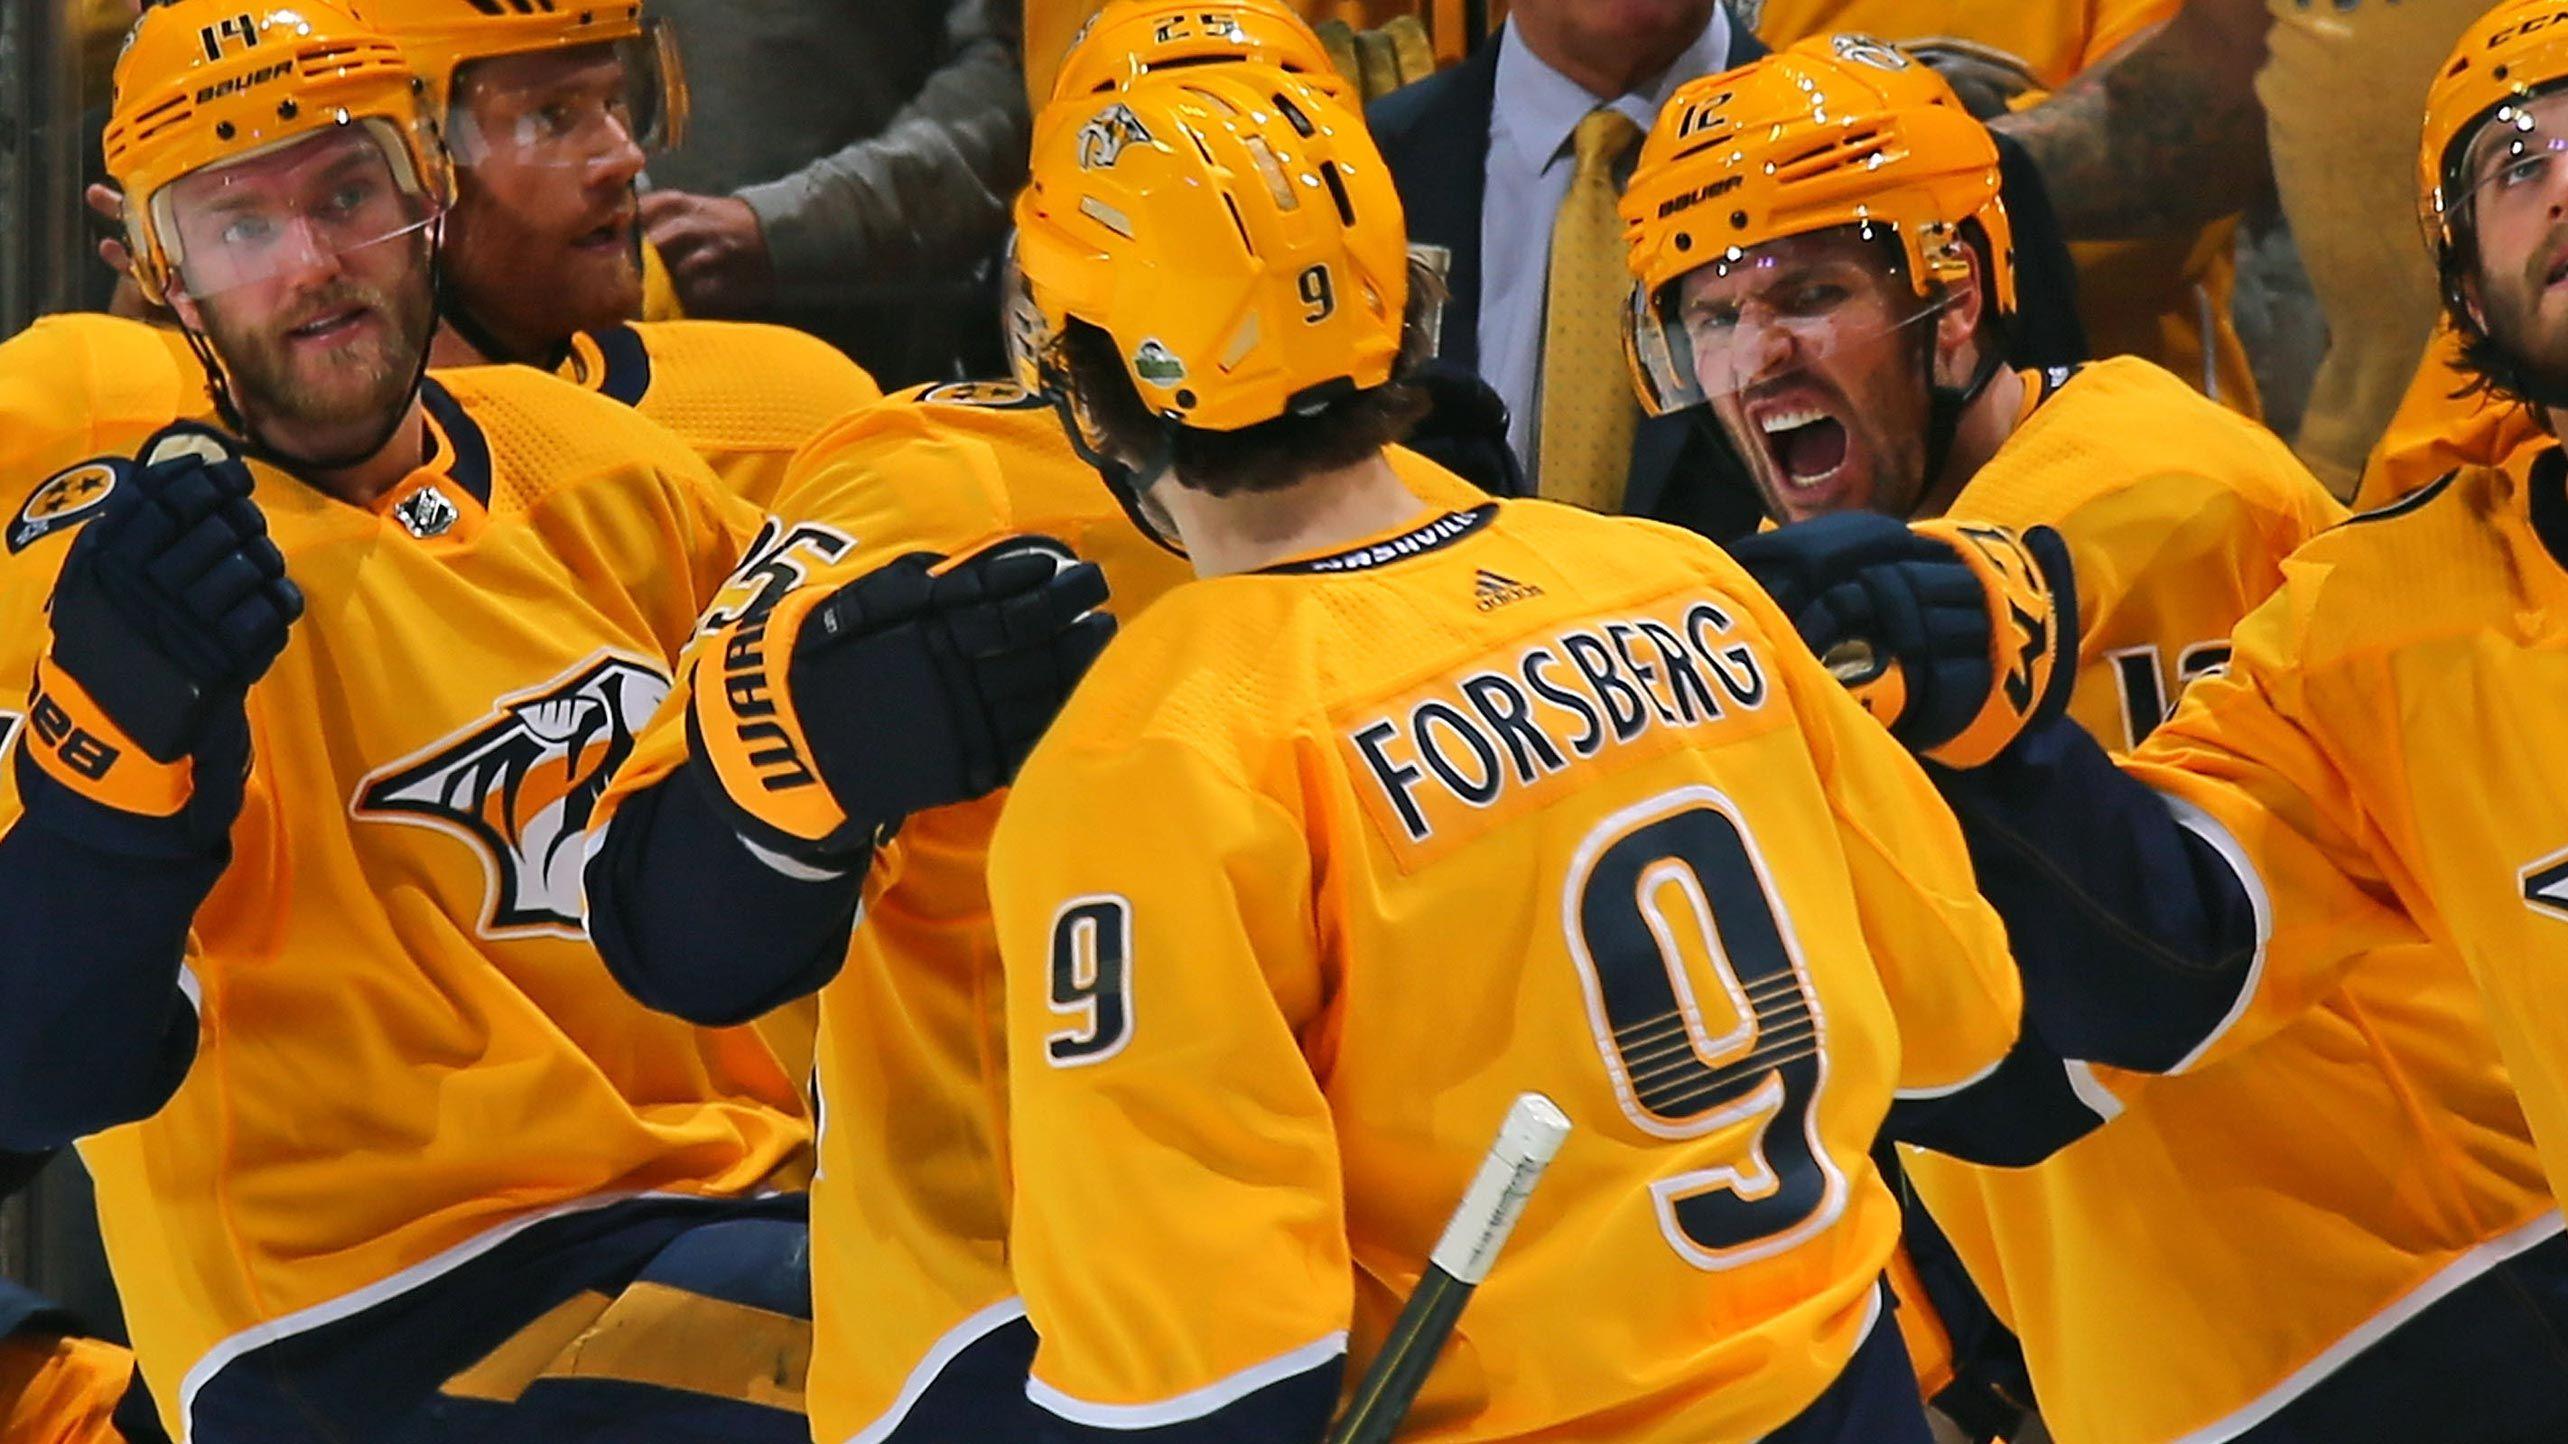 Forsberg S Highlight Reel Goal In Game 1 Nothing New To Predators Nhl Highlights Nashville Predators Hockey Predators Hockey